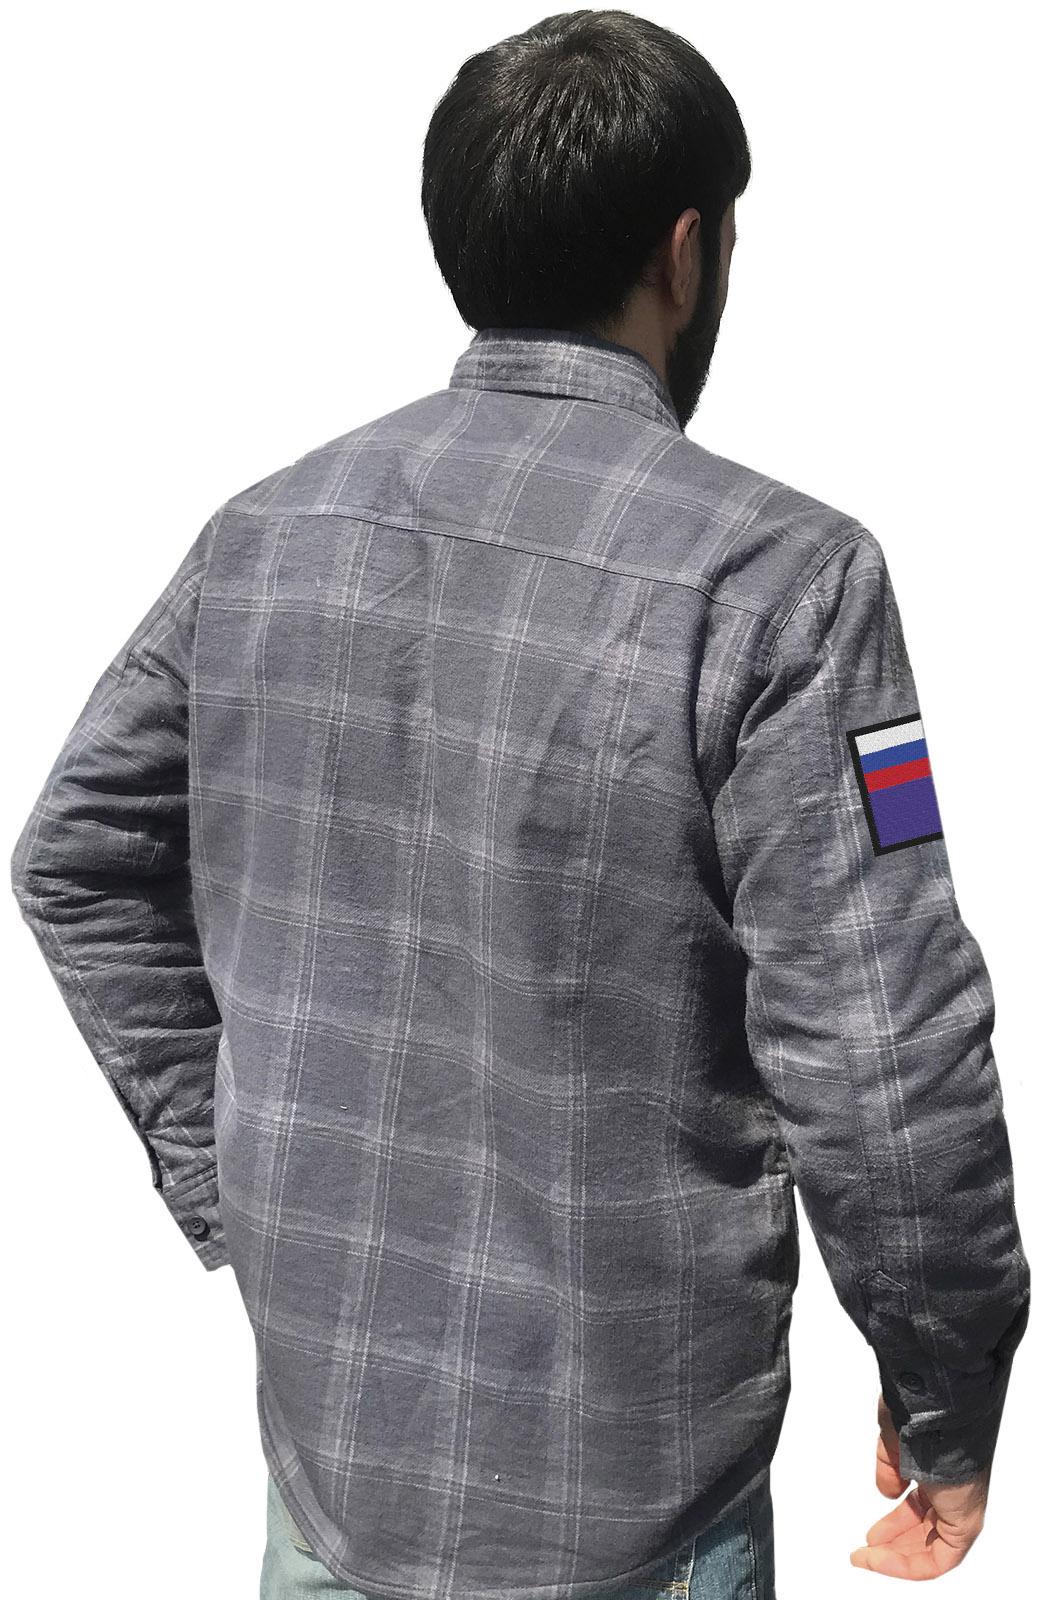 Купить надежную рубашку с вышитым шевроном ФСИН в подарок другу